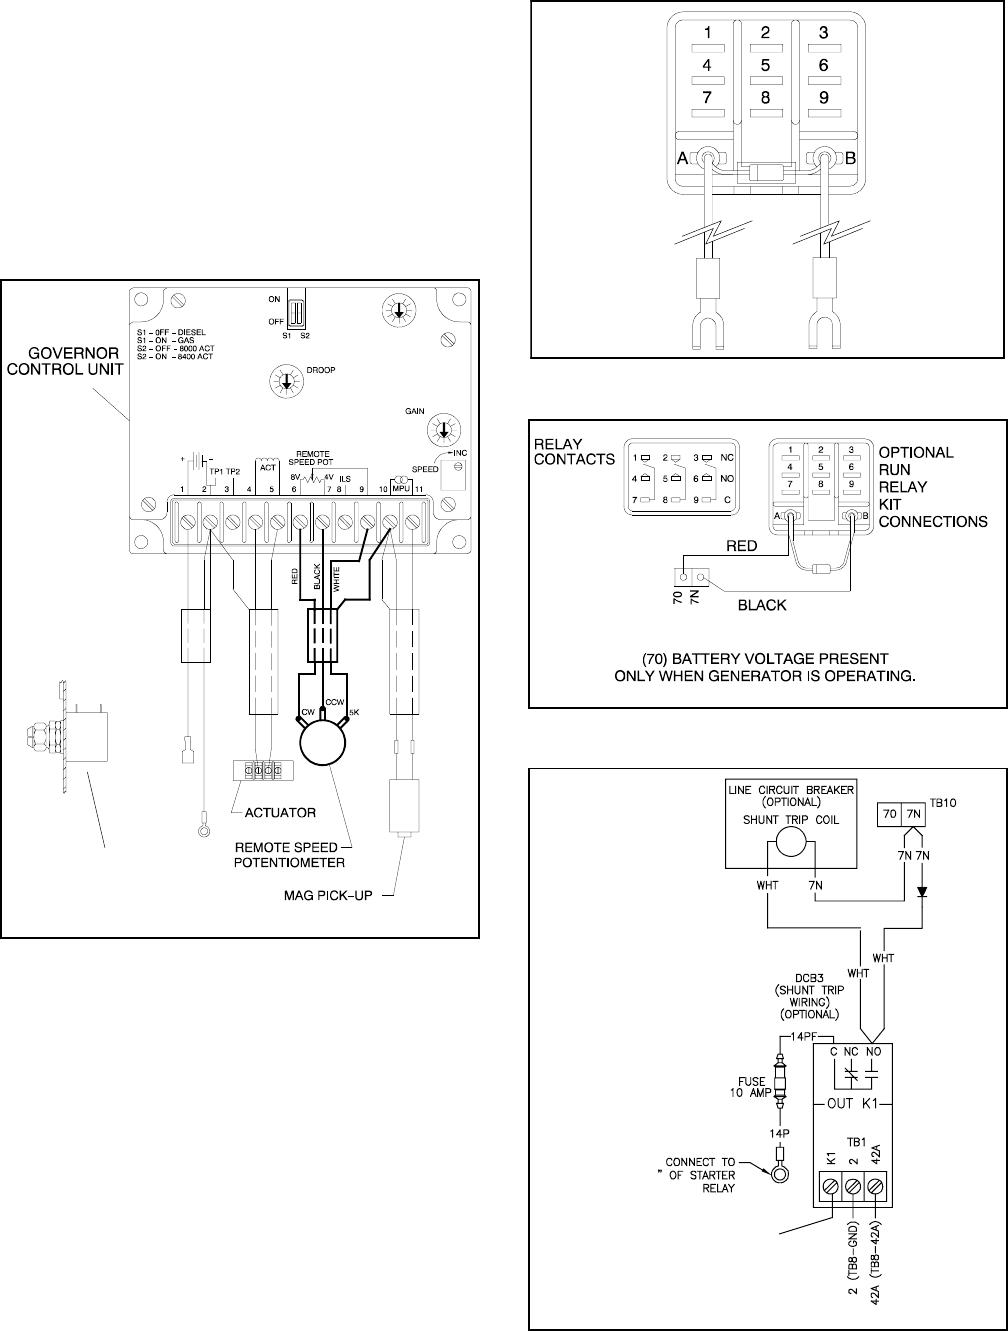 hight resolution of kohler 20 3250 kw 6 1 12 remote speed adjustment potentiometer kit non ecm models 6 1 13 run relay kit 6 1 14 shunt trip line circuit breaker